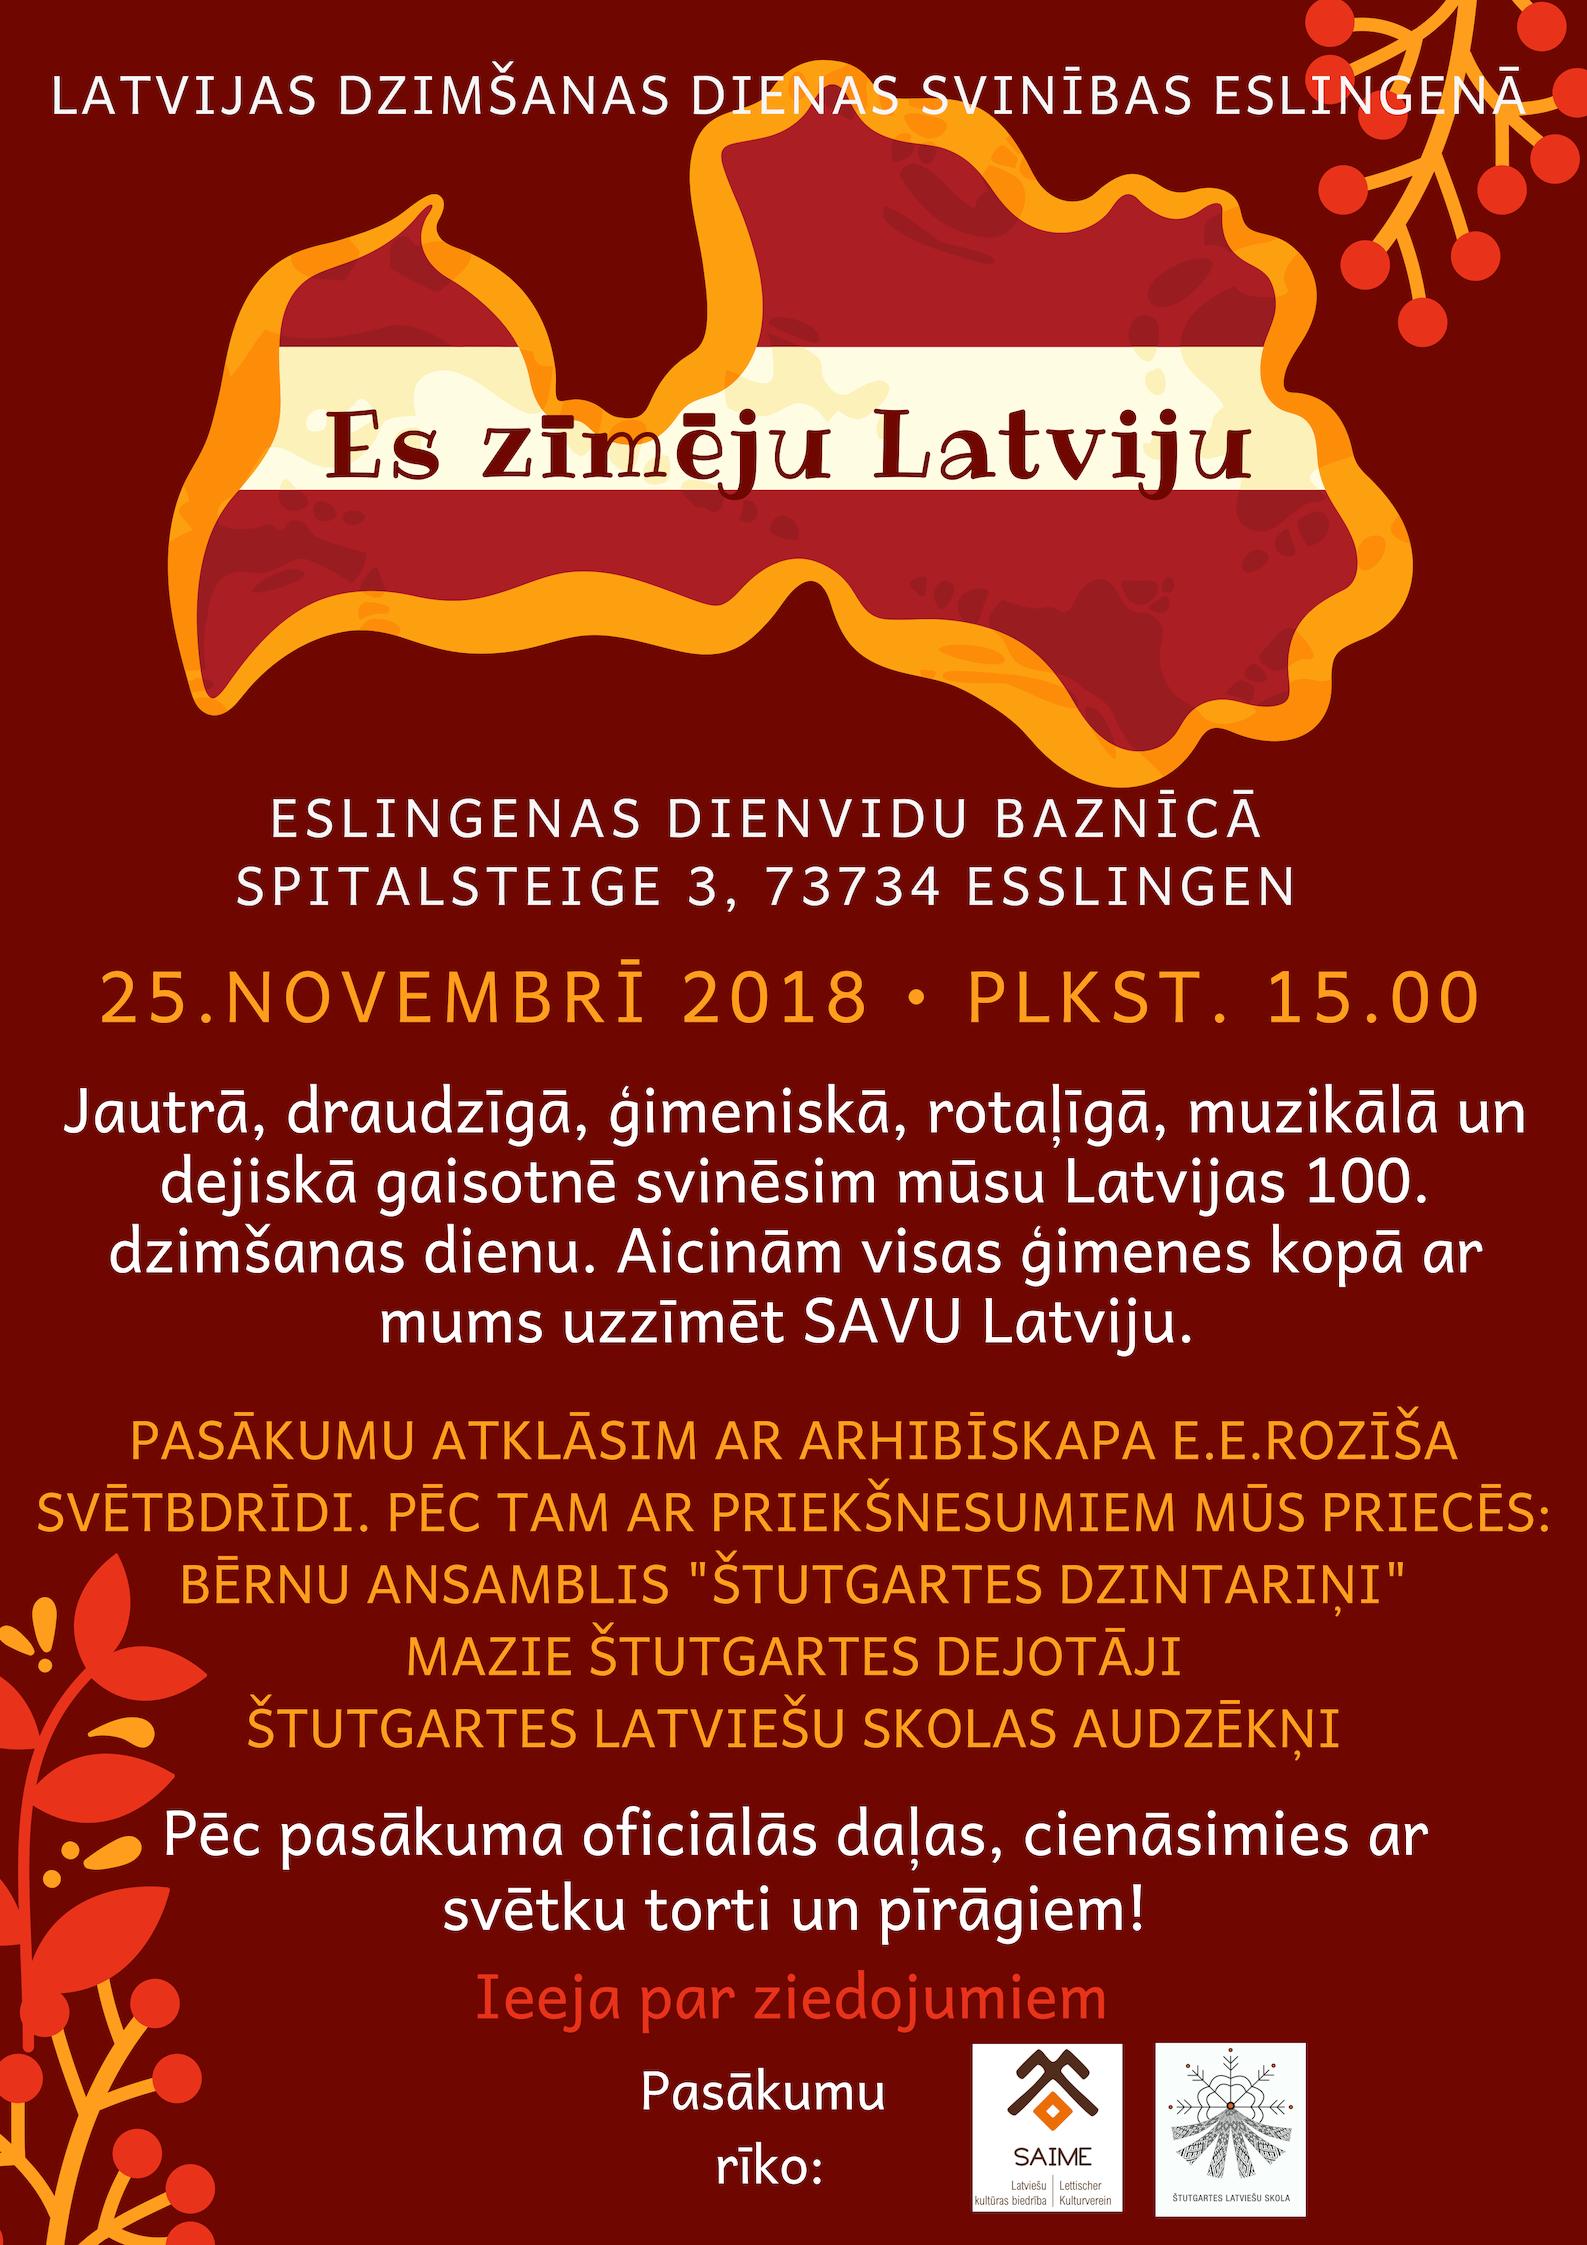 Latvijas dzimšanas dienas svinības Eslingenā